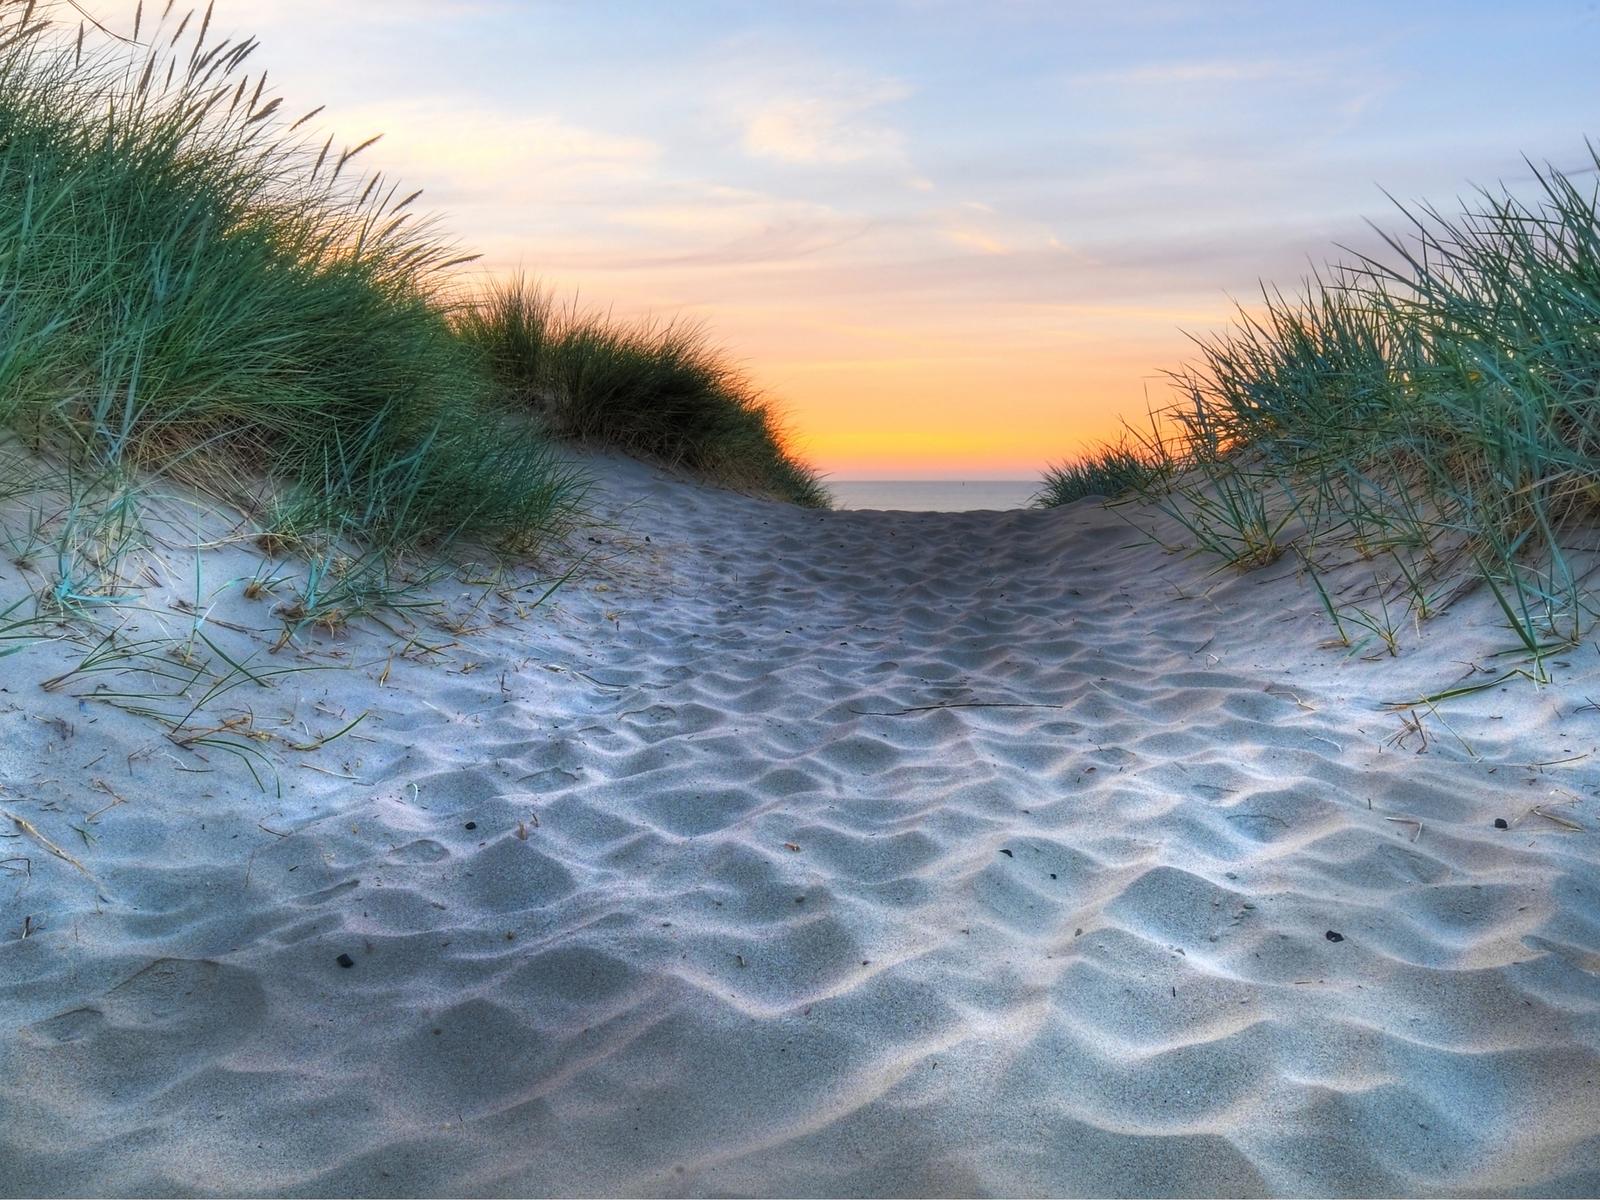 19342 скачать обои Пейзаж, Закат, Море, Песок - заставки и картинки бесплатно